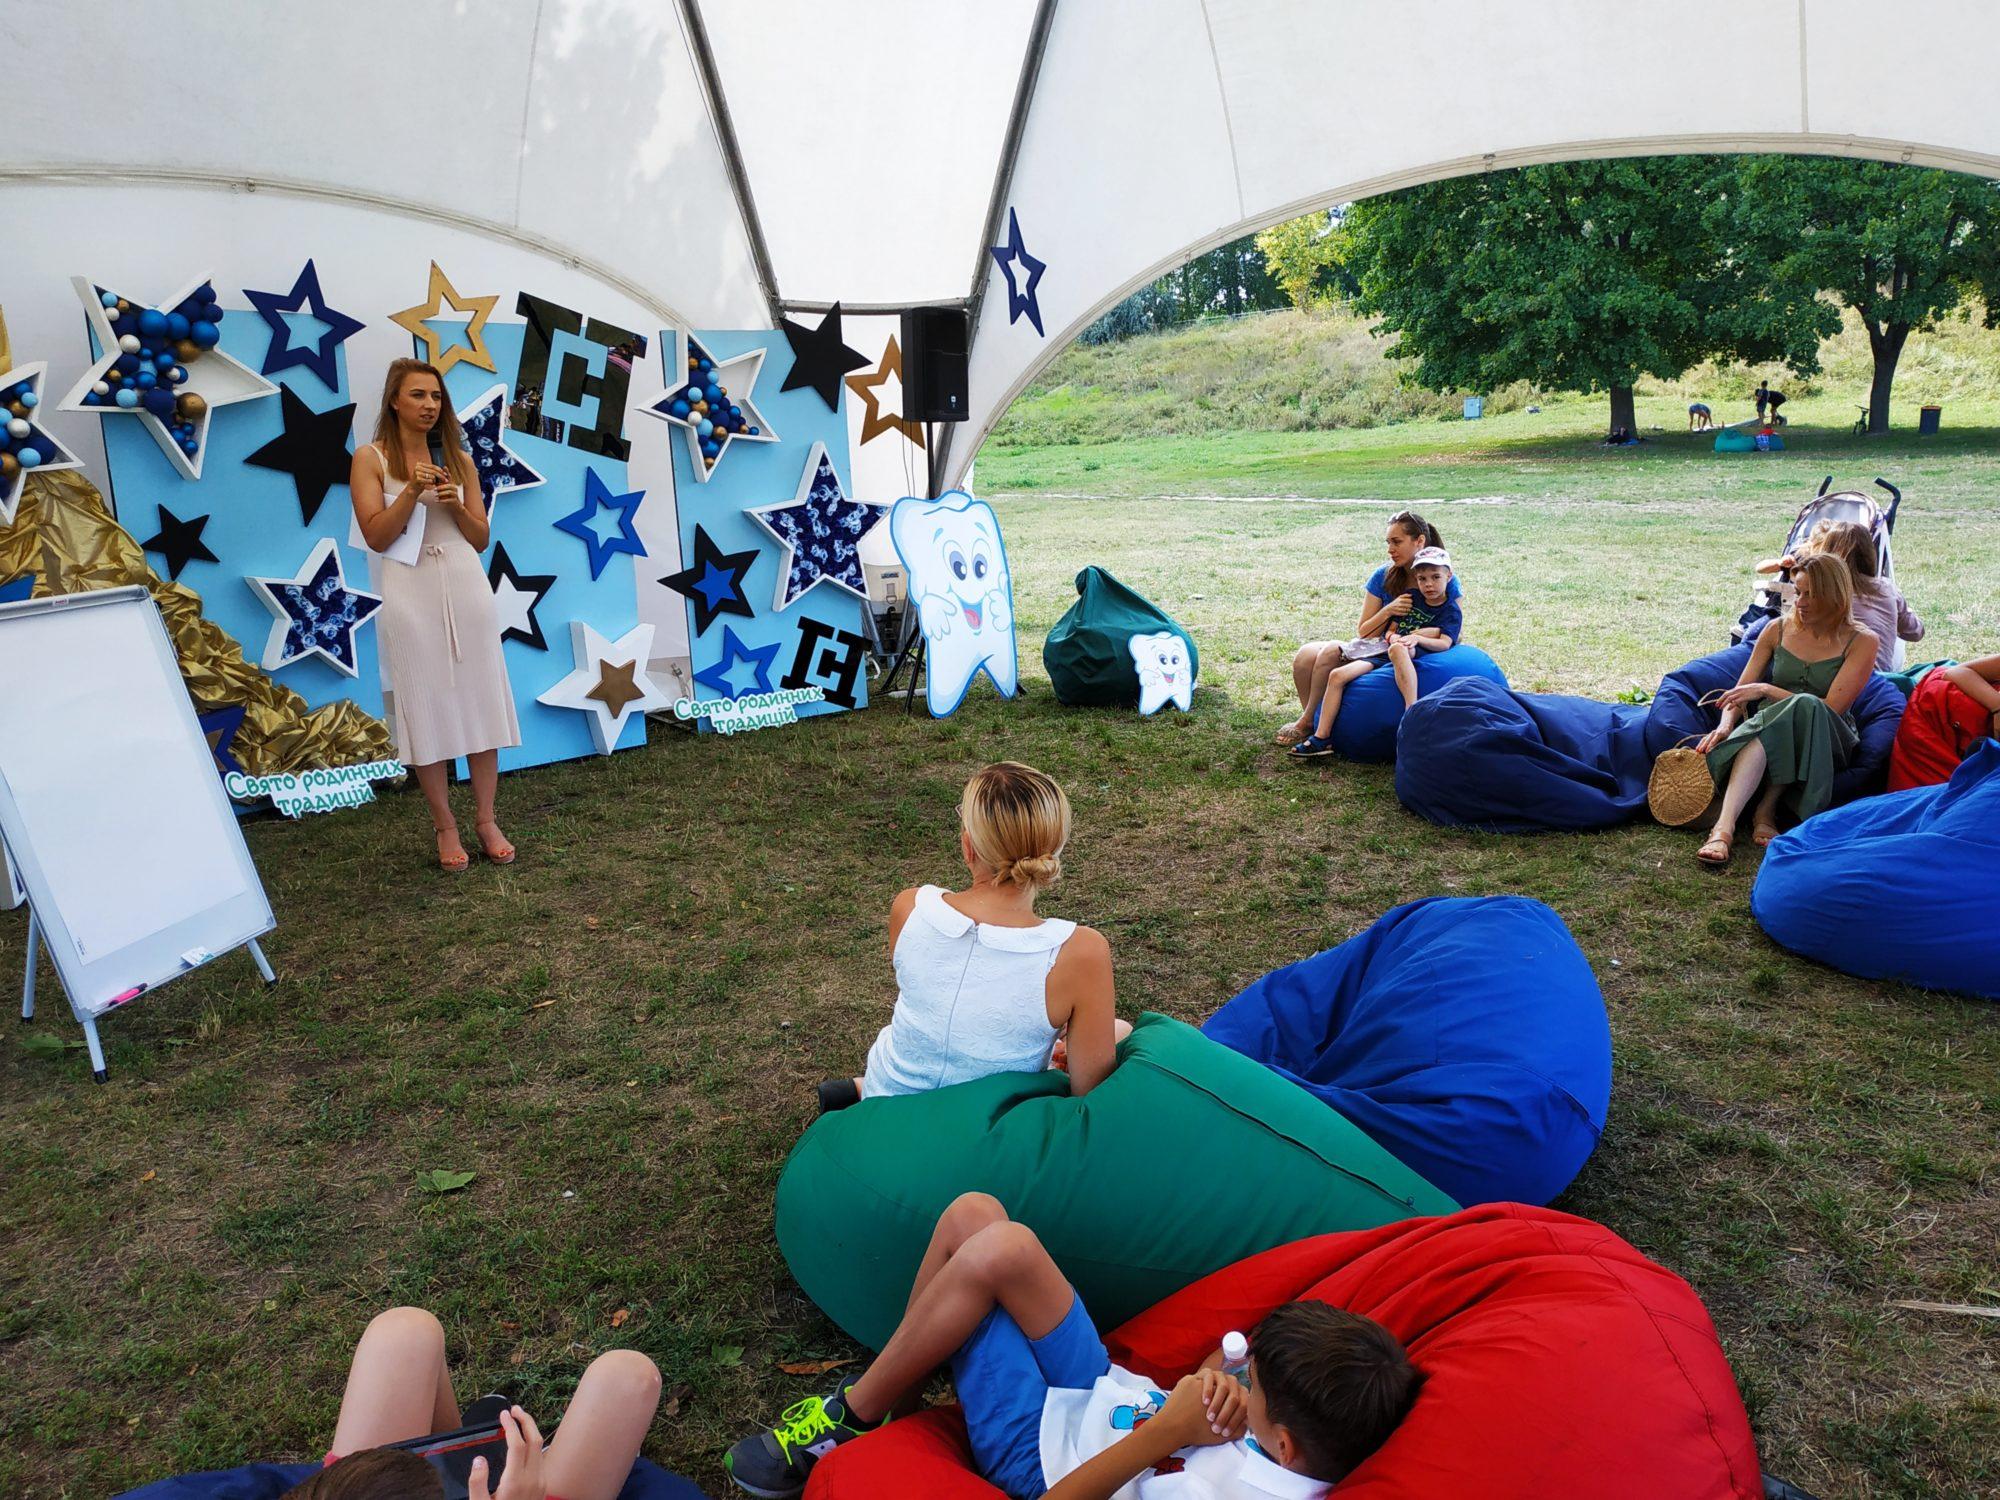 «Свято родинних традицій» у Вишгороді зібрало друзів і партнерів - Фестиваль, Вишгород - 0810 Rod trad lektsiya 2000x1500